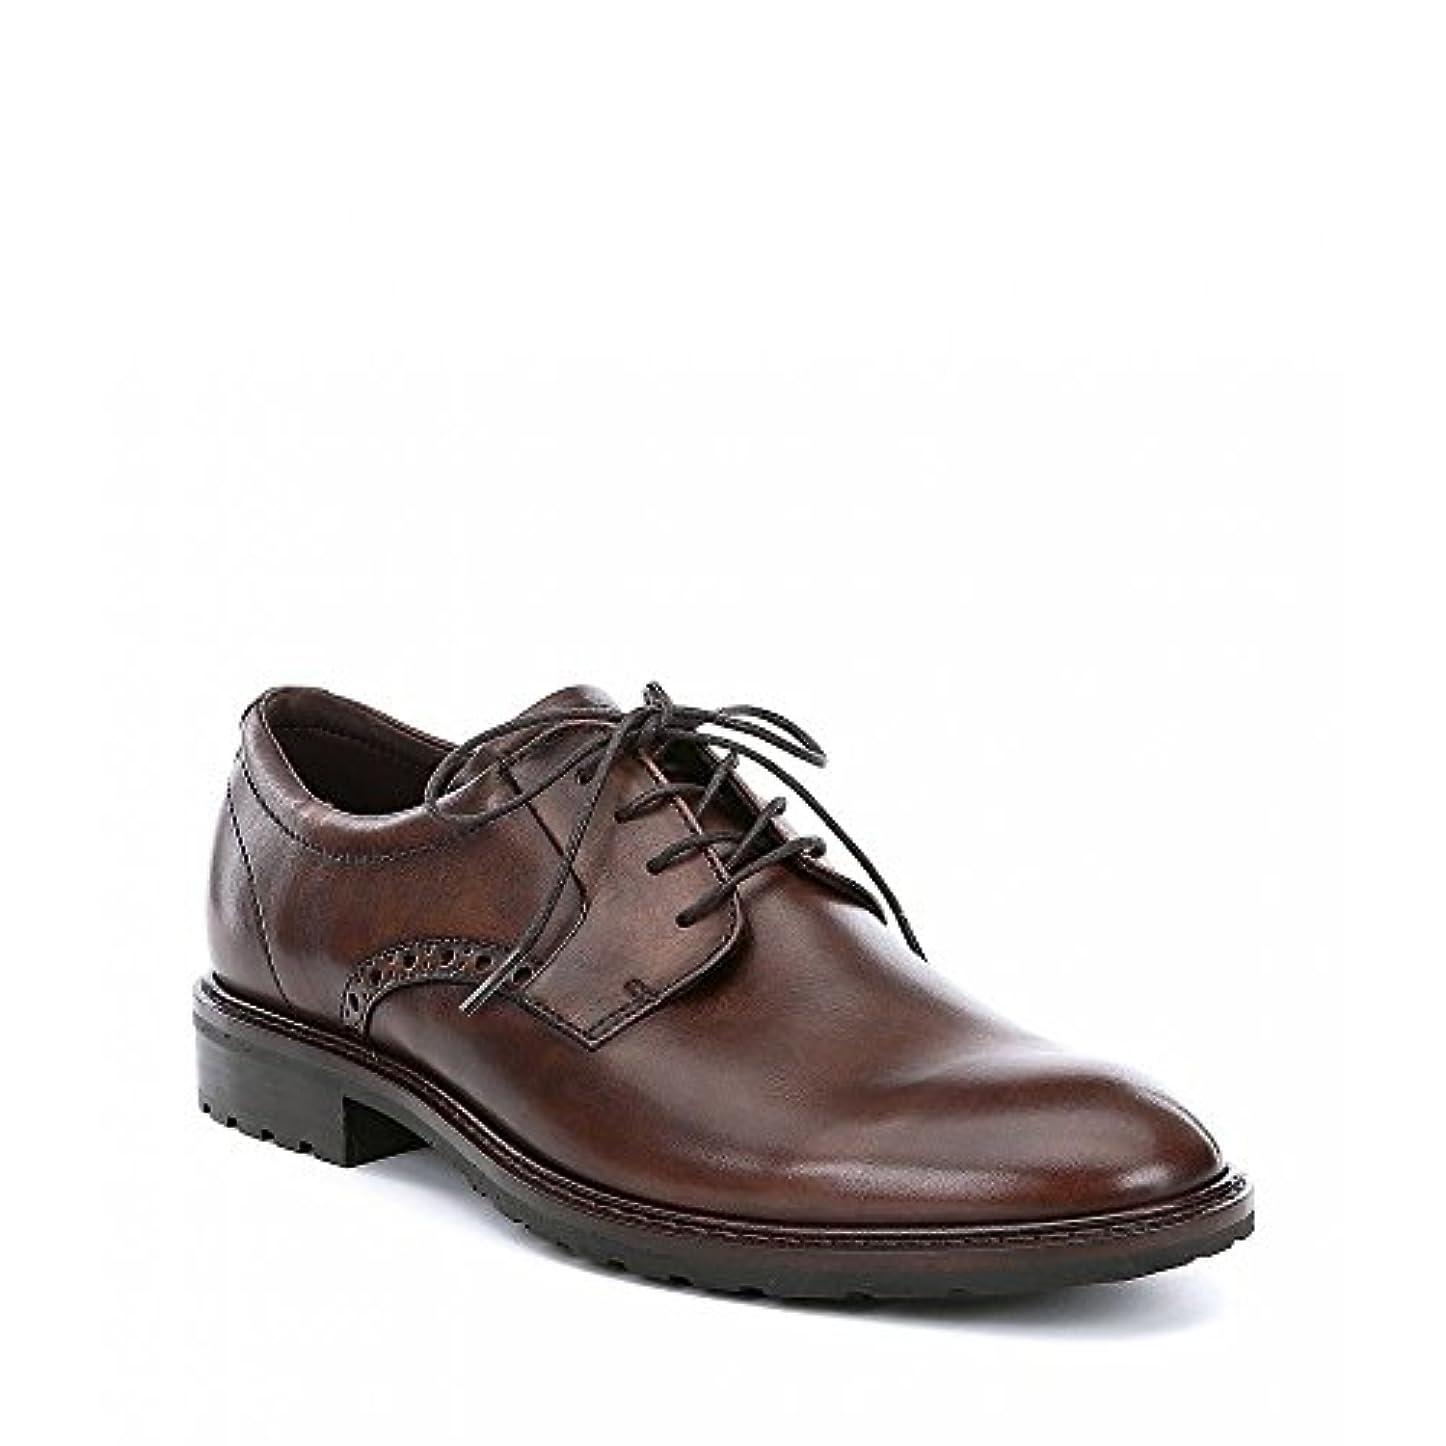 落ち着いて欺く申し込む(エコー) ECCO メンズ シューズ?靴 革靴?ビジネスシューズ Vitrus I Oxfords [並行輸入品]